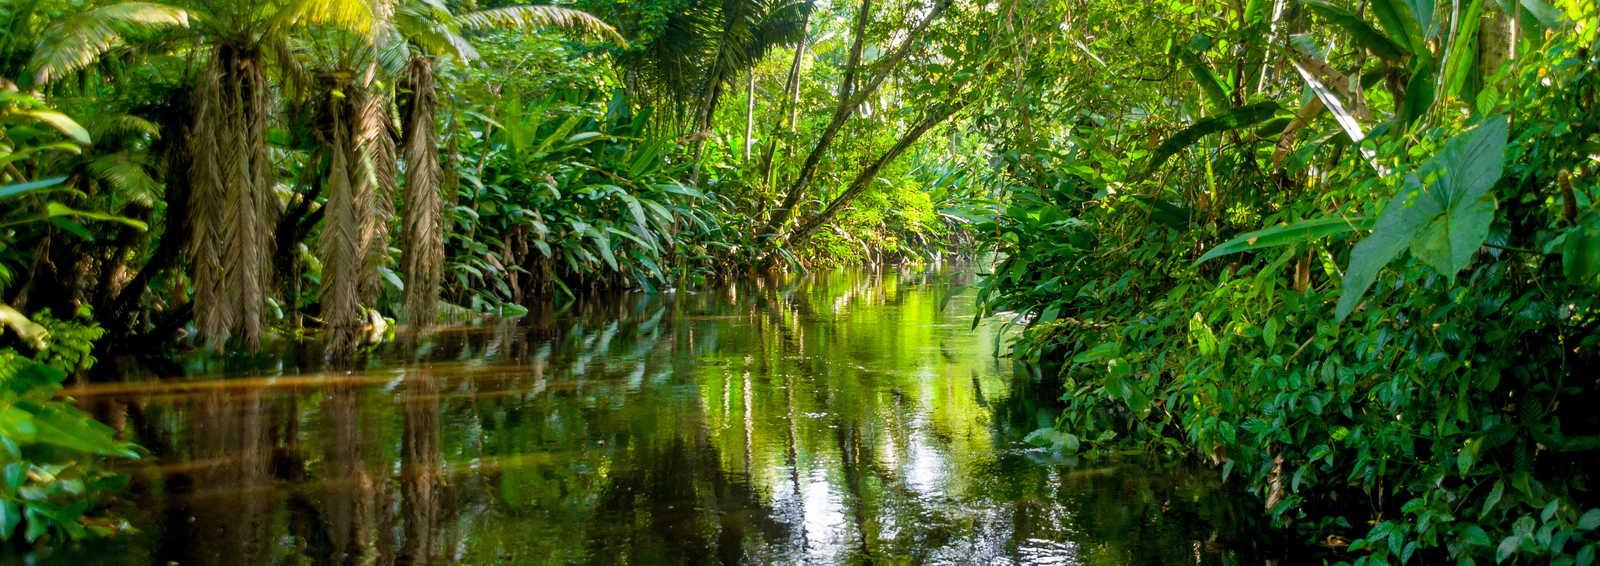 Amazon Jungle, Peru